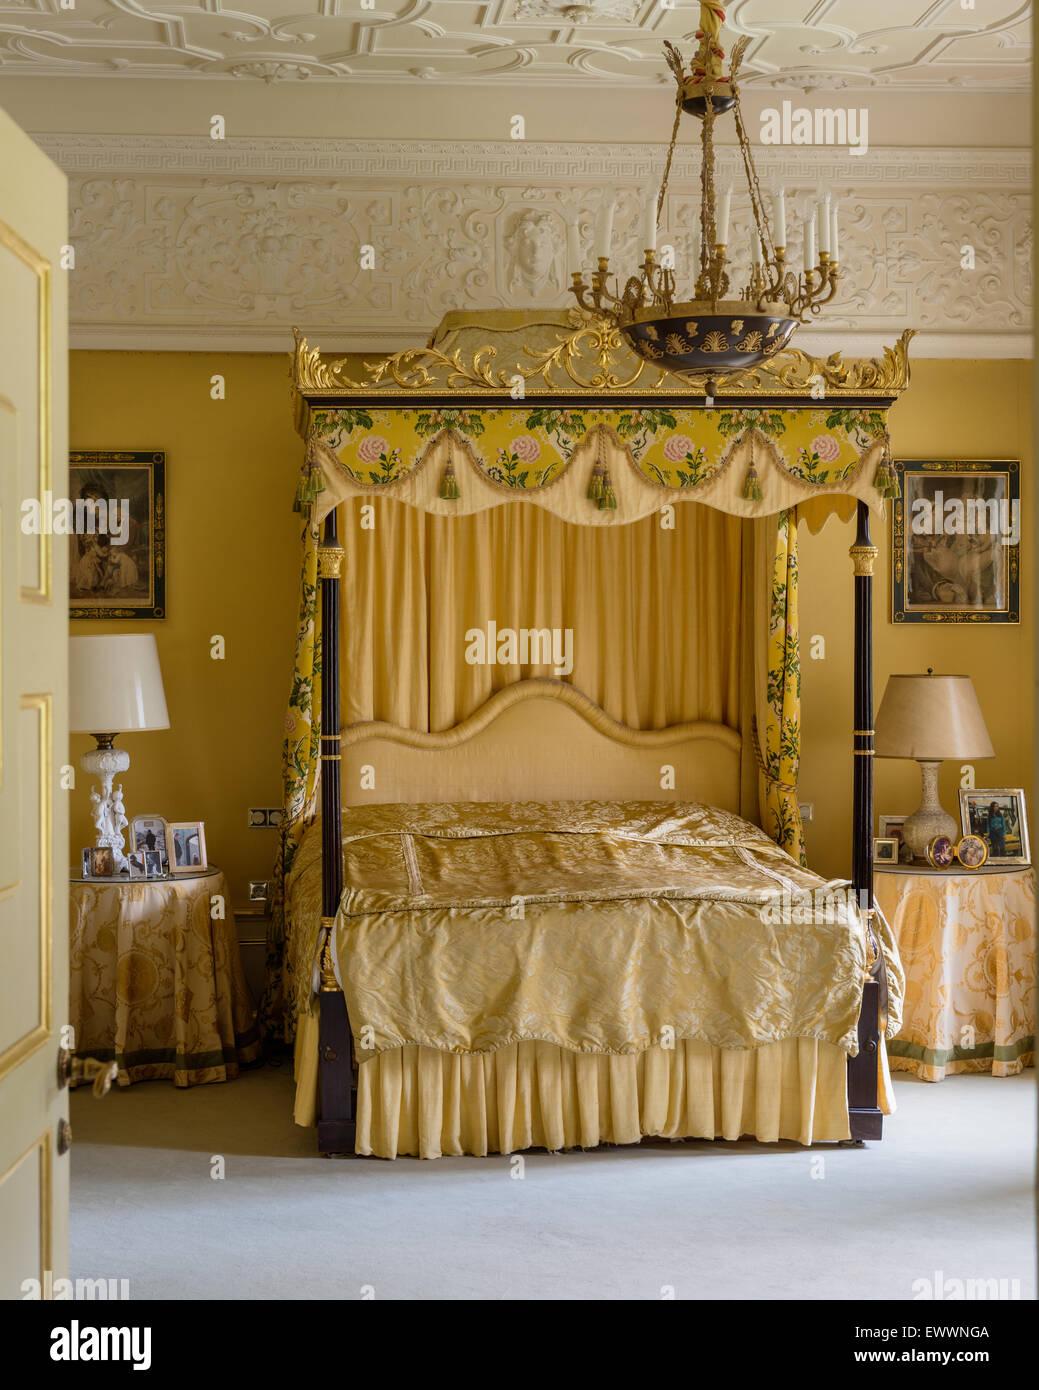 Cama con dosel con marco dorado en el suntuoso dormitorio con techos ...